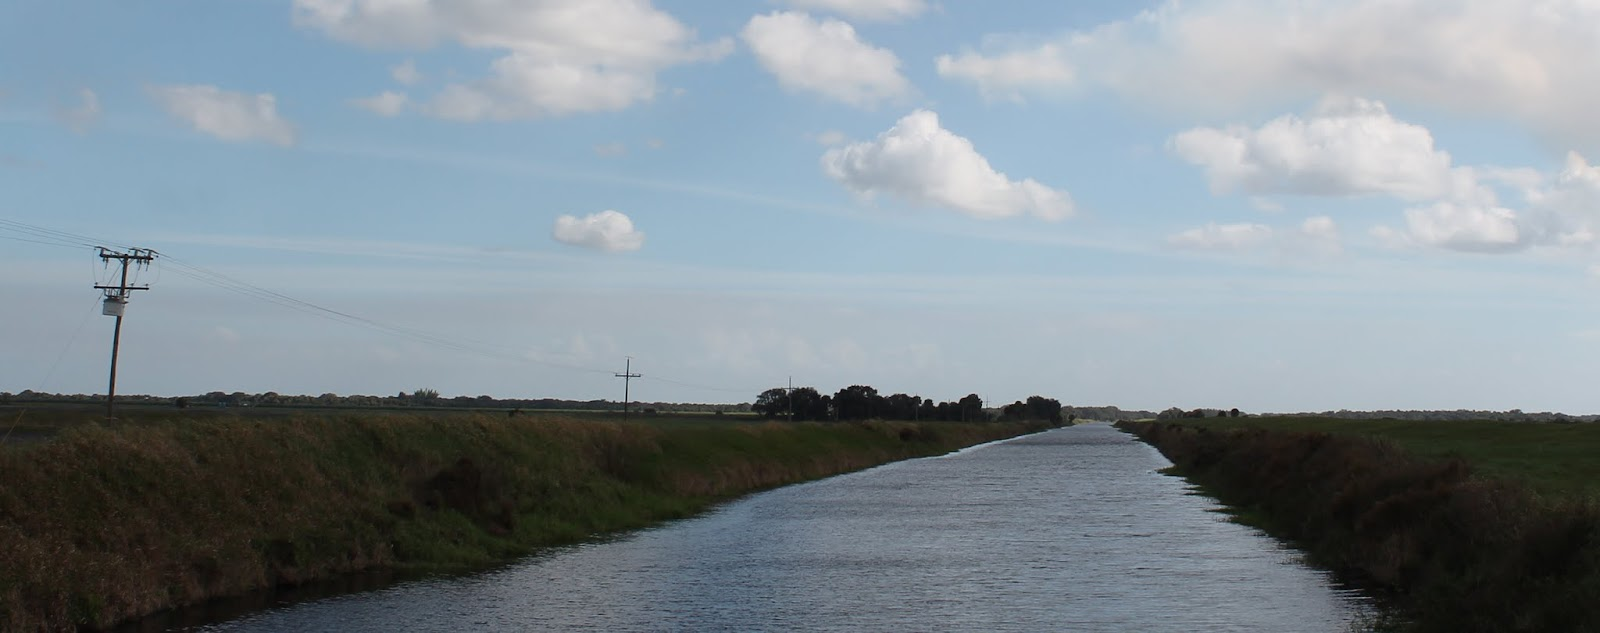 Indian Prairie Canal